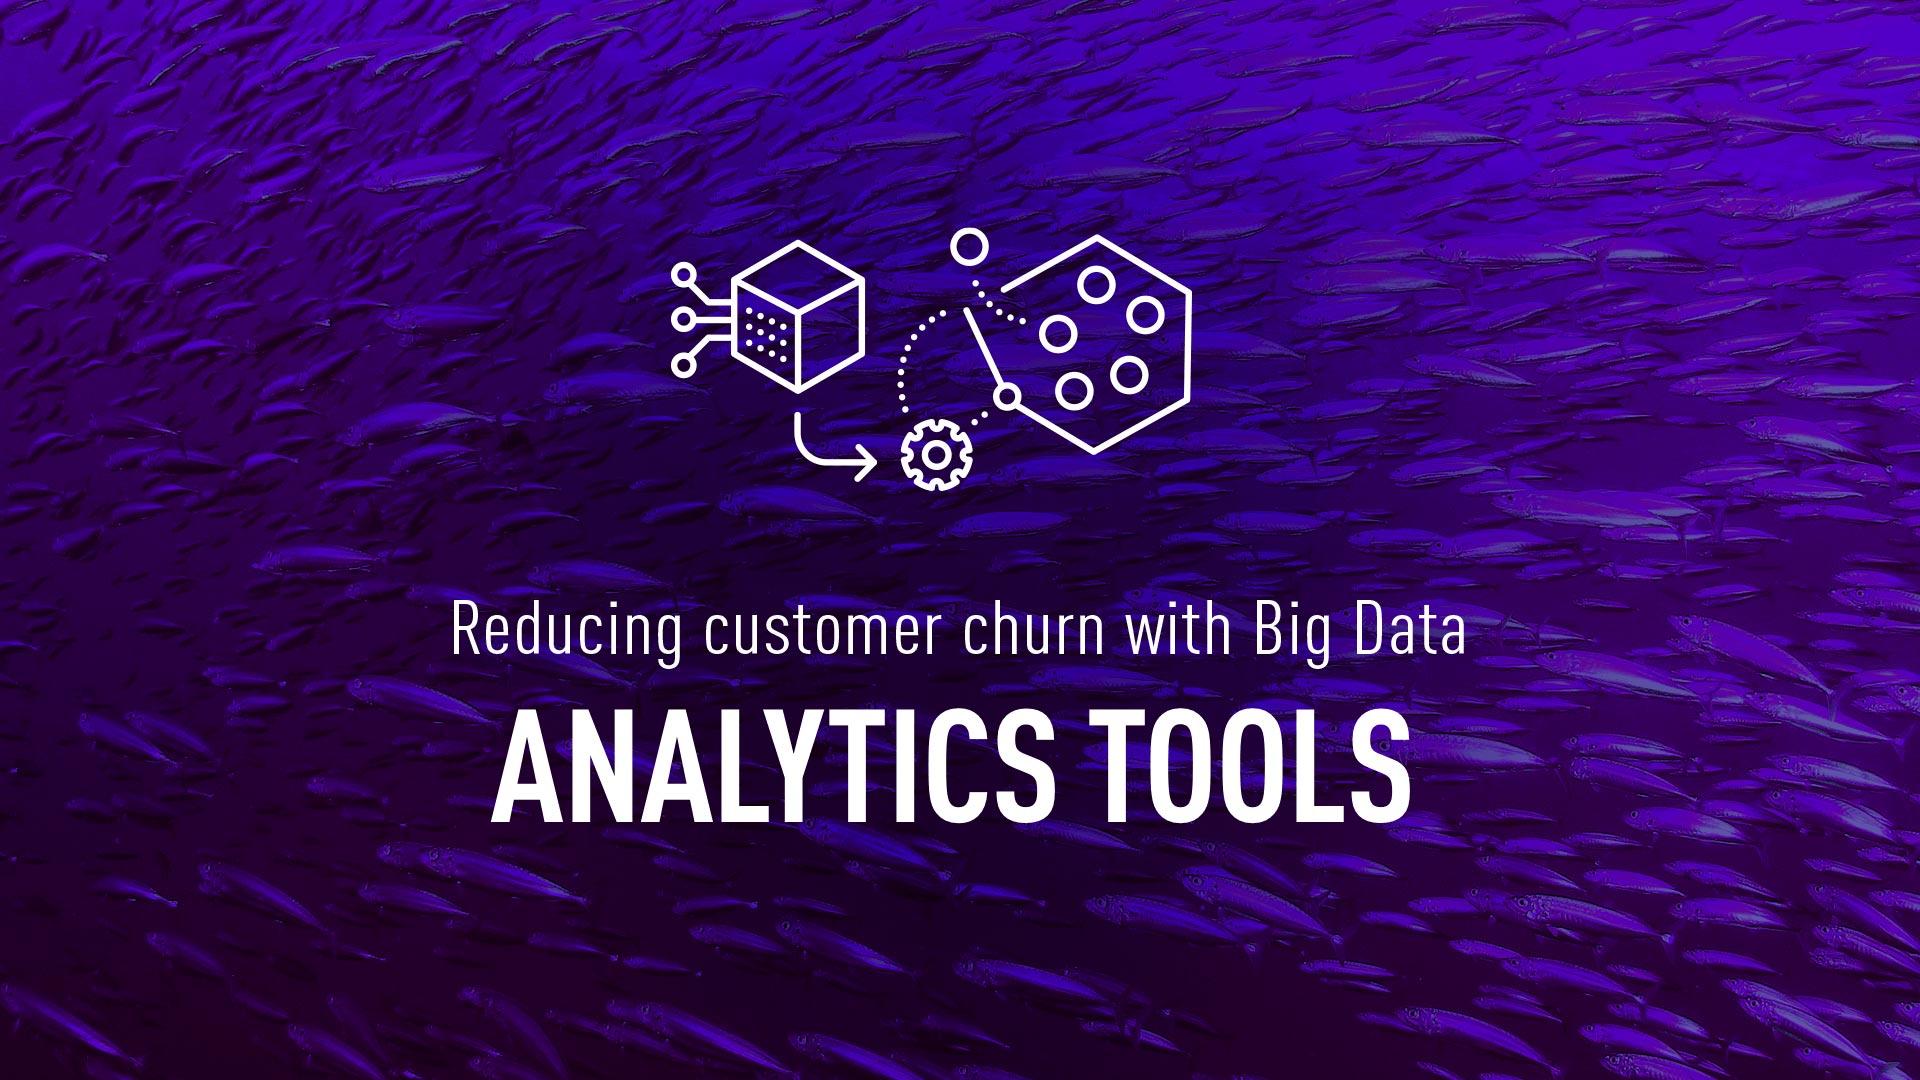 Reducing customer churn with Big Data analytics tools